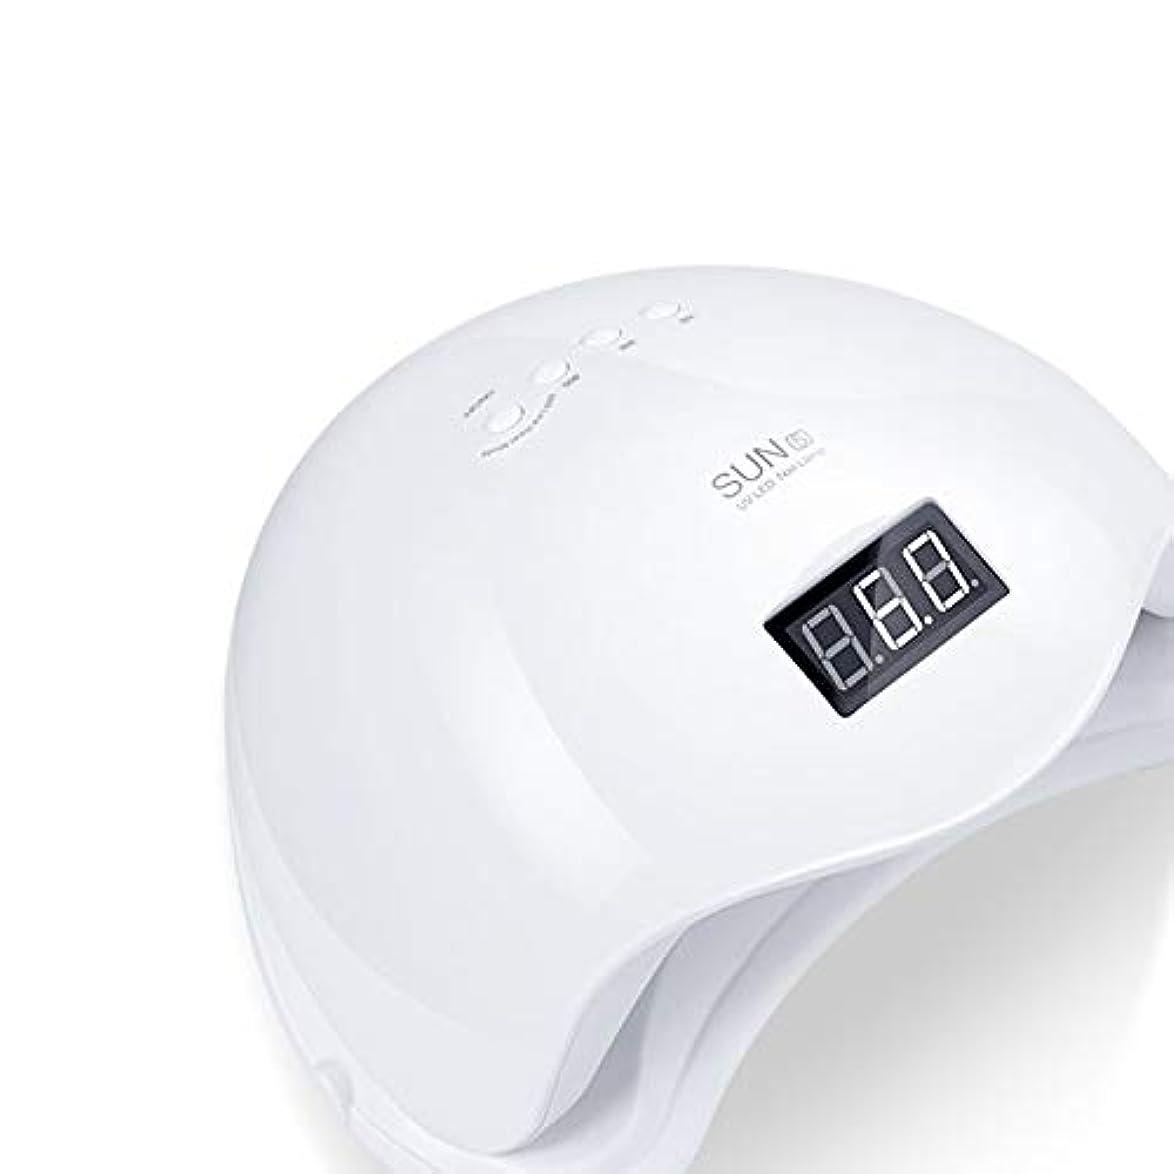 シャッター編集するのLEDネイルライト、24個のLEDビーズが付いている48Wマニキュアドライヤーライトの治癒光 - 安い、ディスカウント価格センサーUVジェルネイルポリッシュ用4タイマー(10/30/60/99秒)